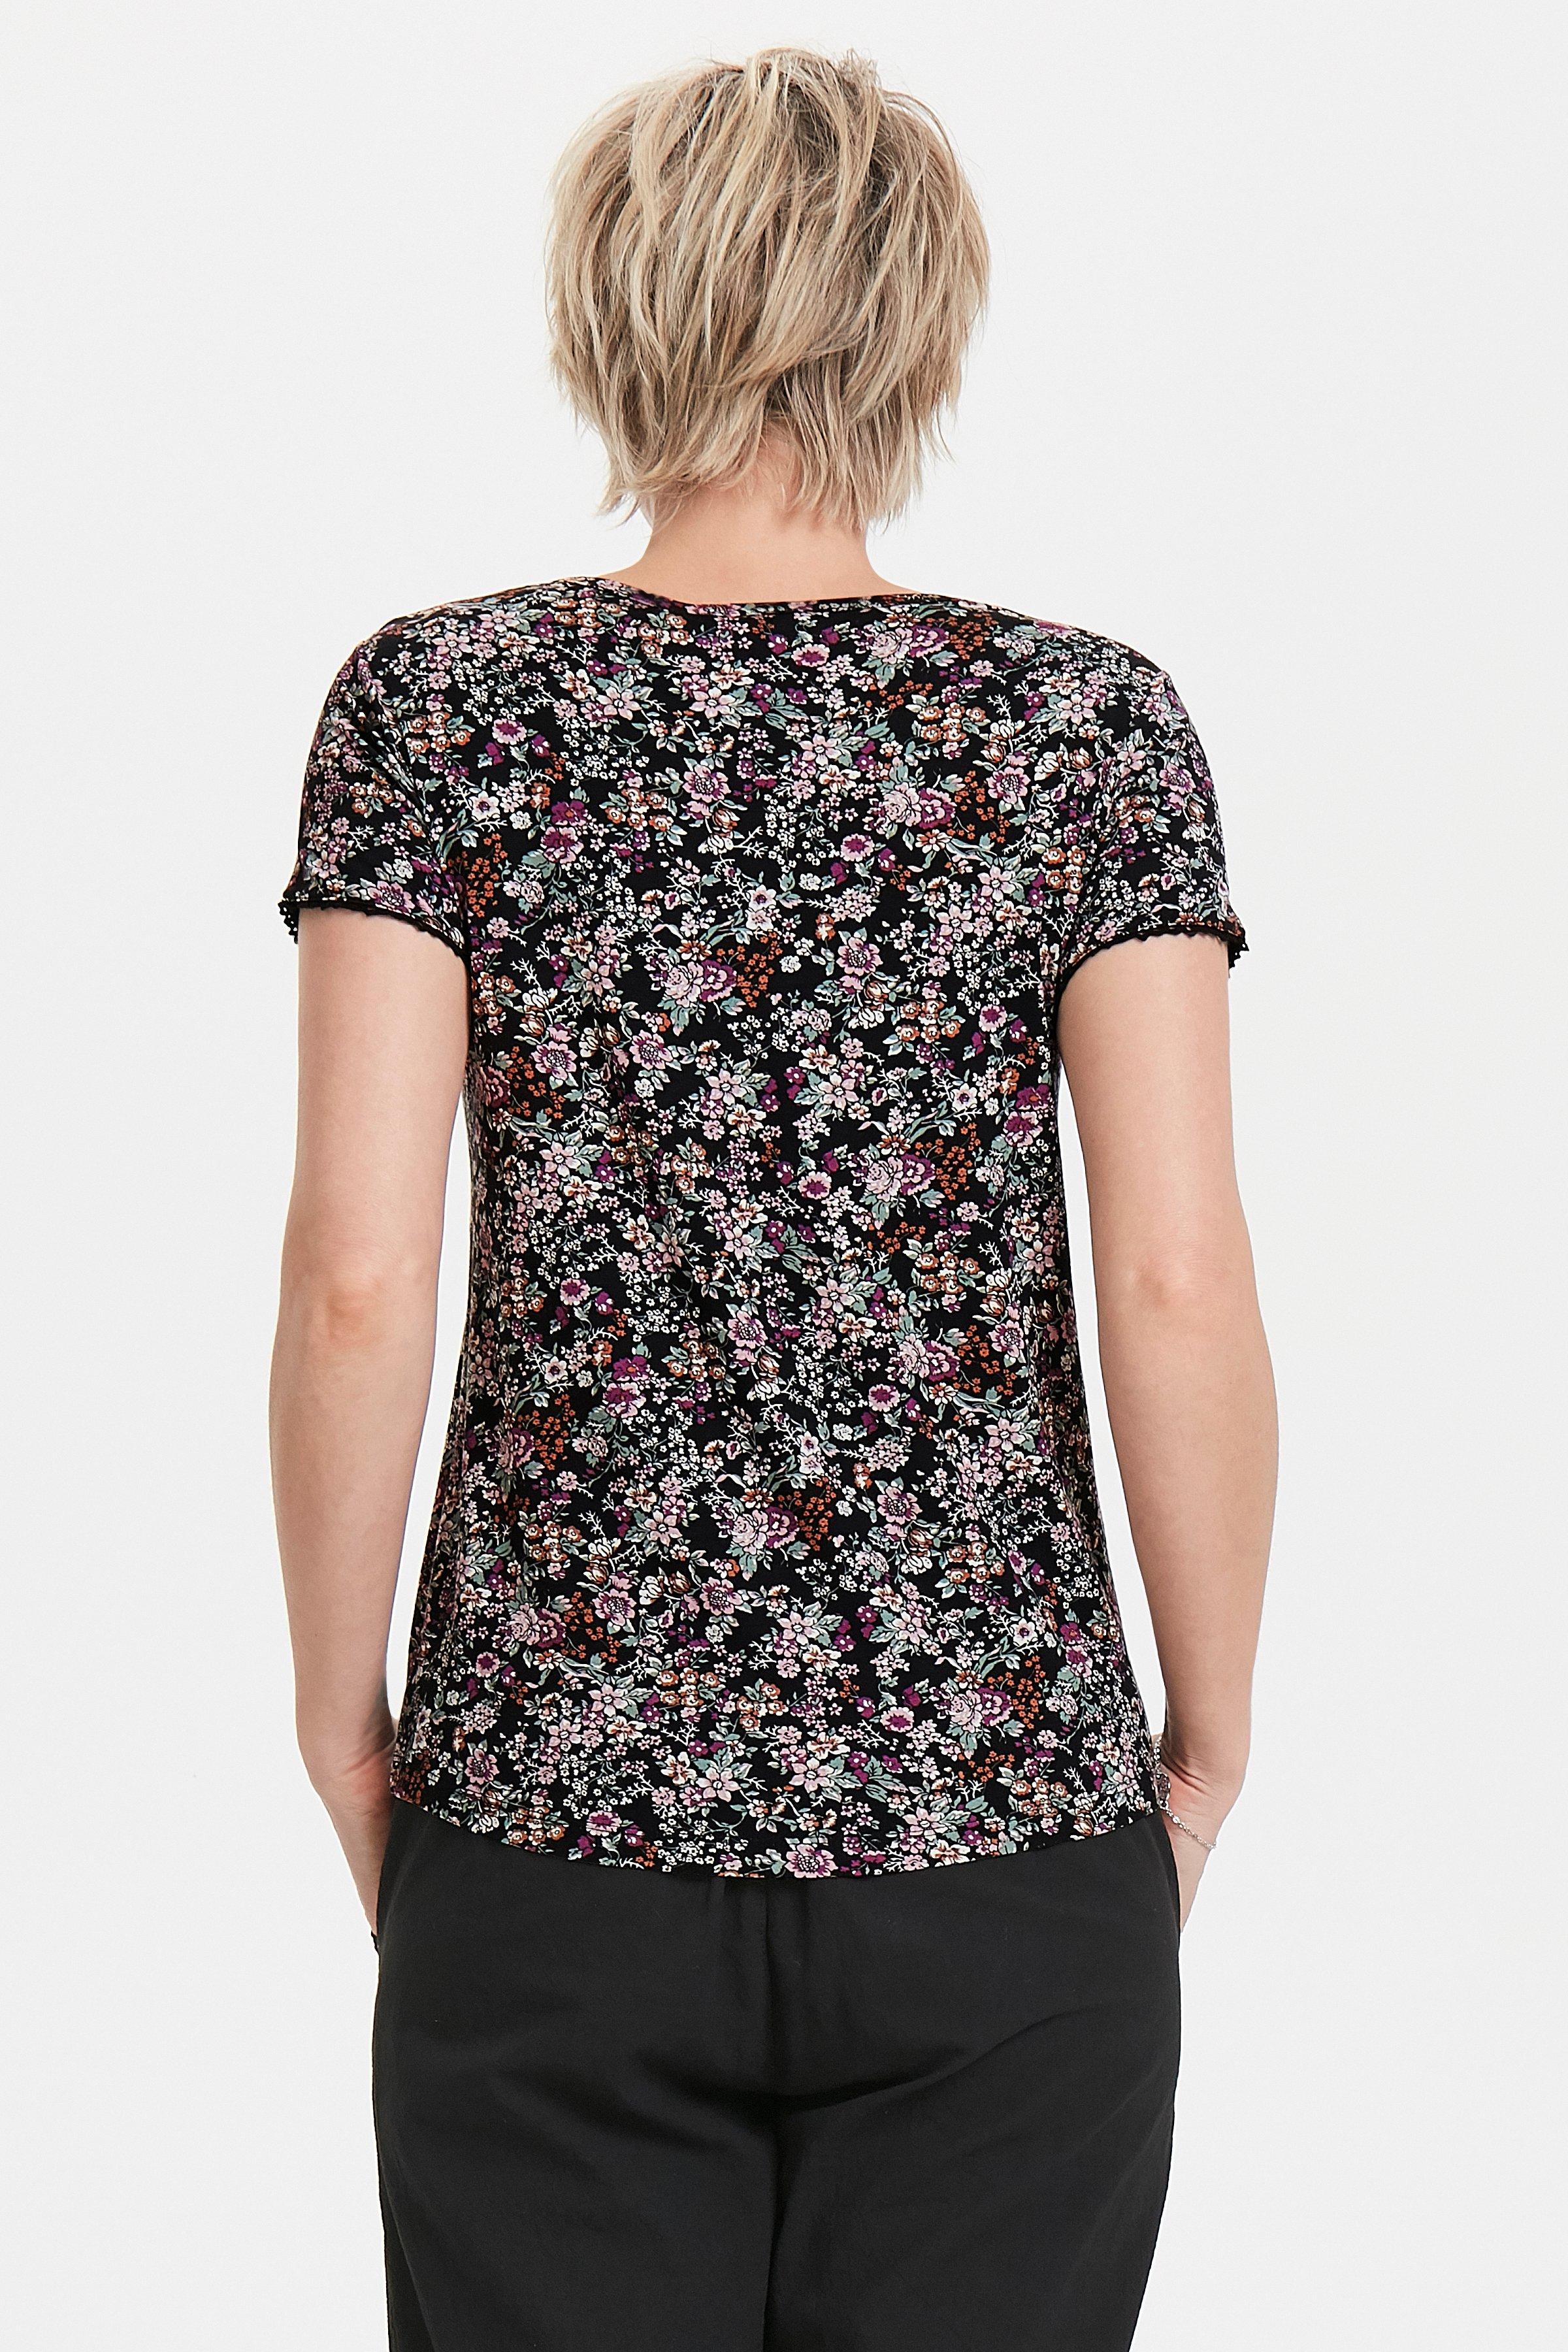 Zwart/paars Korte mouwen shirt  van Bon'A Parte – Door Zwart/paars Korte mouwen shirt  van maat. S-2XL hier